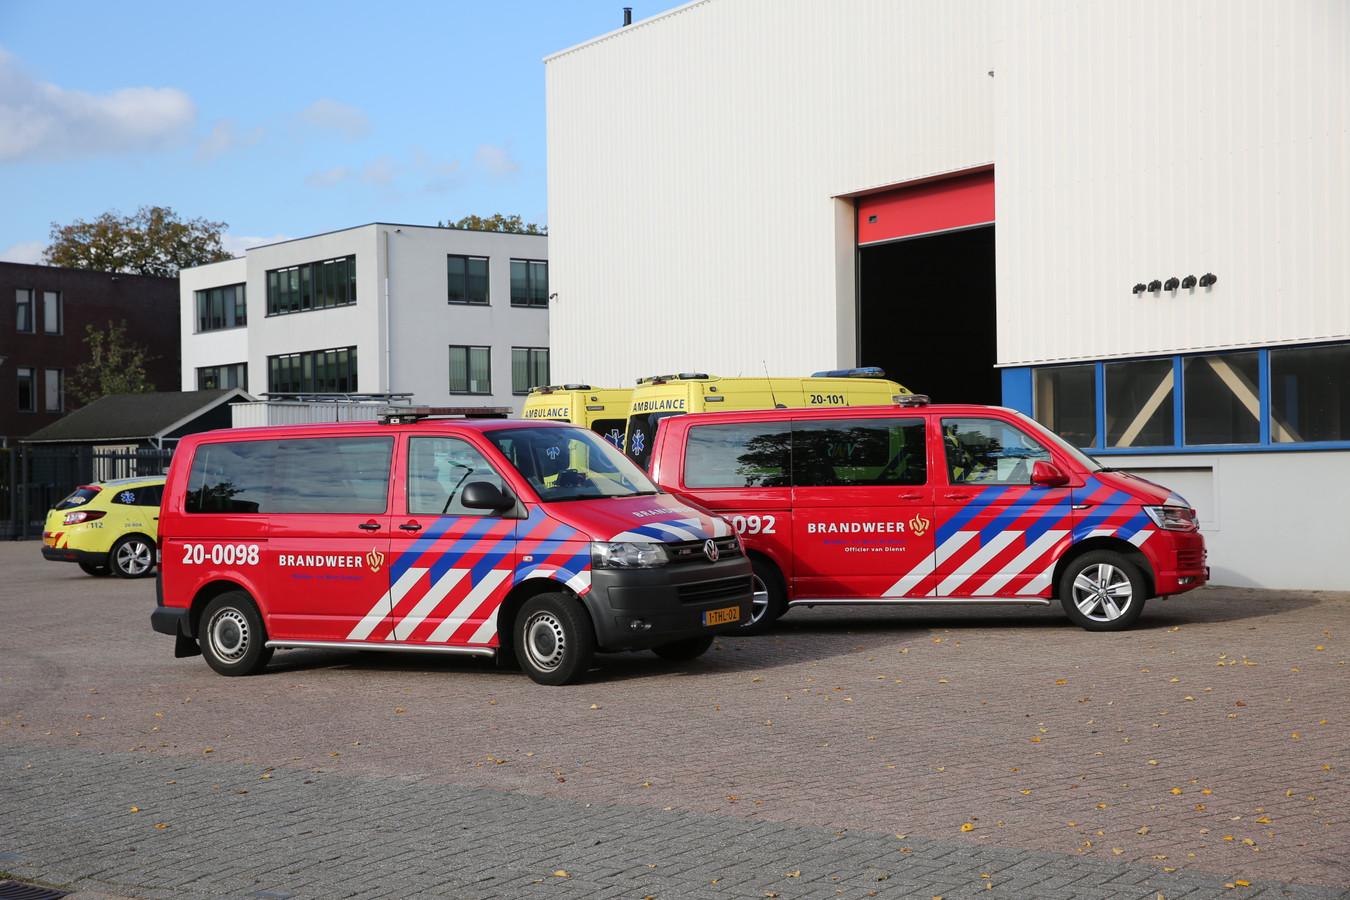 Dode bij bedrijfsongeval in Heerle